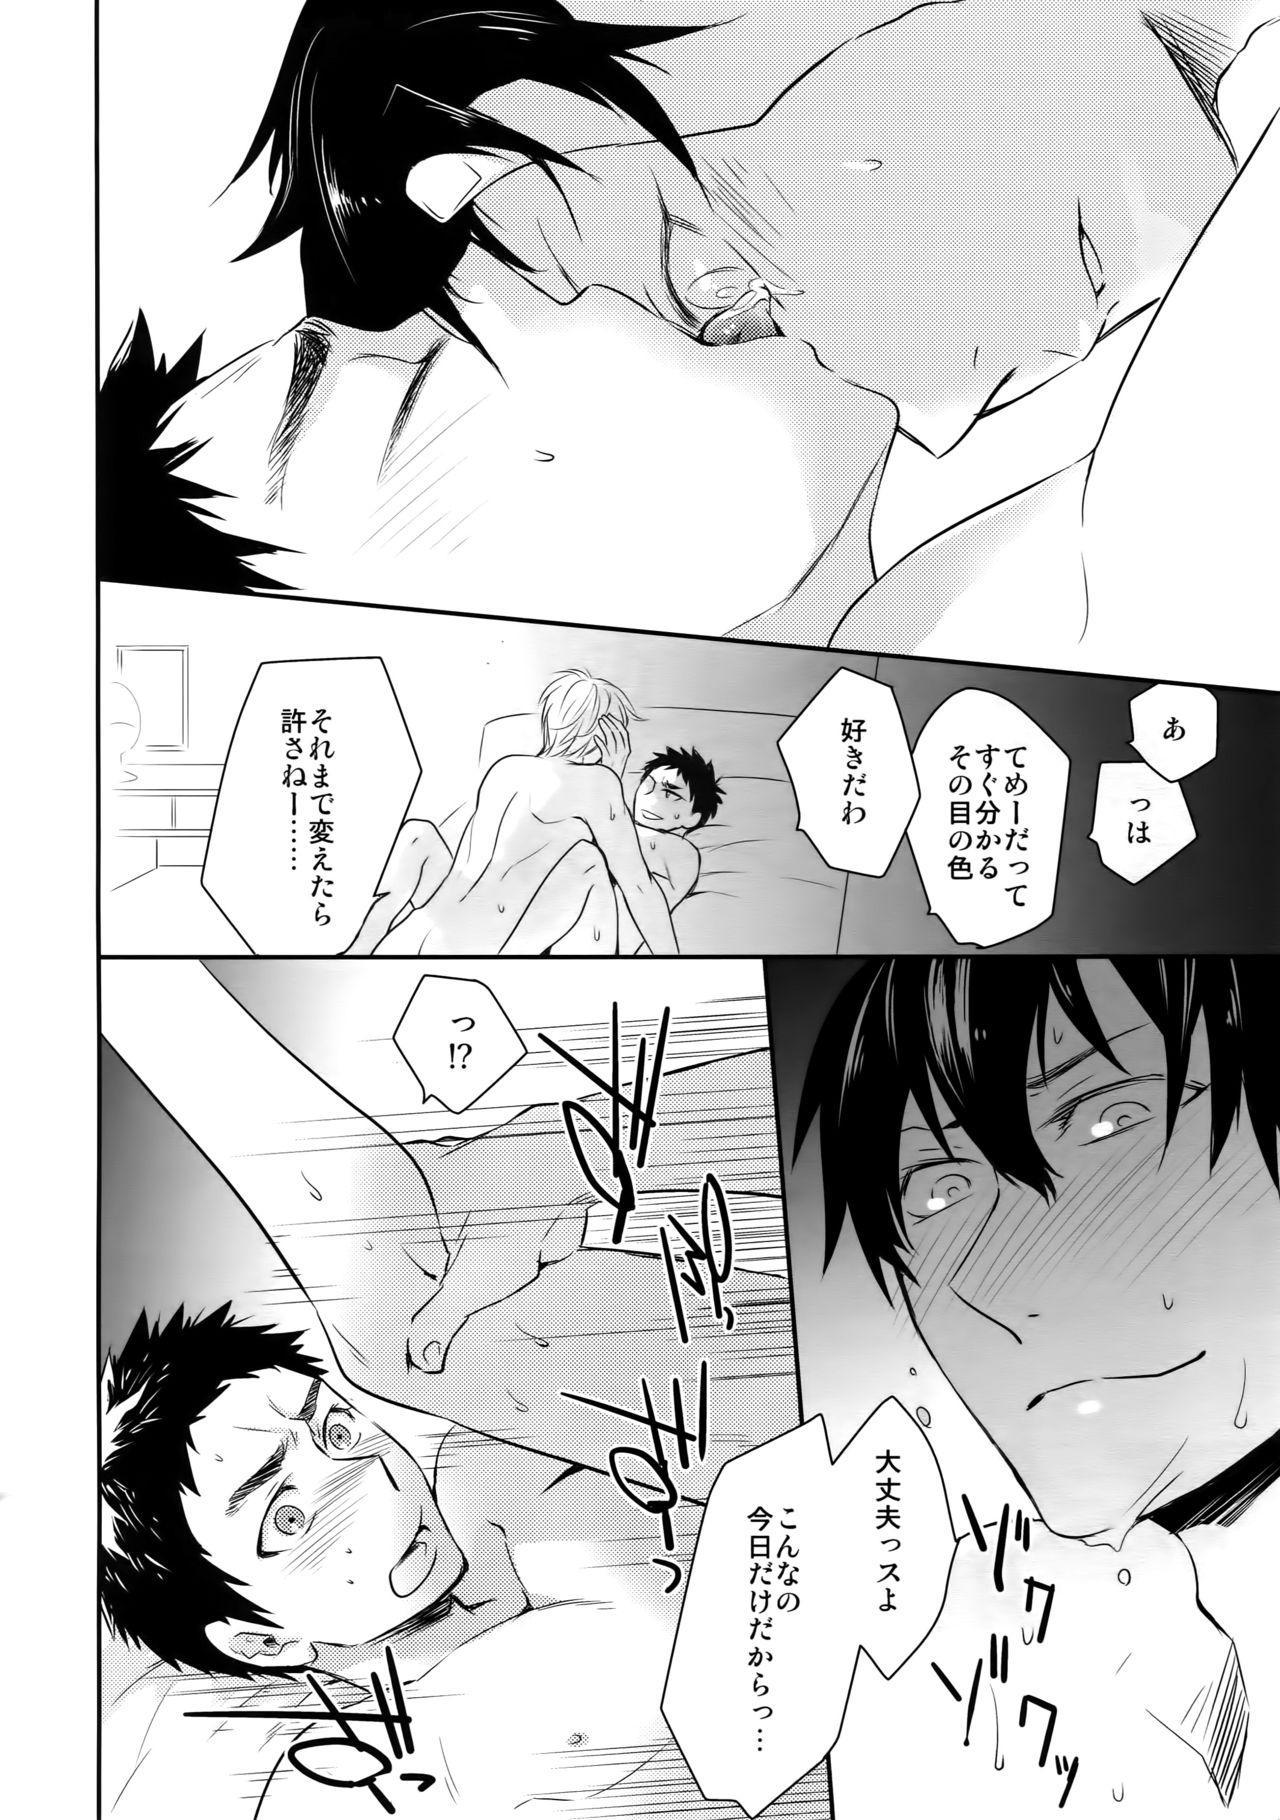 [Bakuchi Jinsei SP (Satsuki Fumi)] Kanpeki Kareshi to Zettai Ryouiki Ouji-sama - Another Version - (Kuroko no Basket) 54